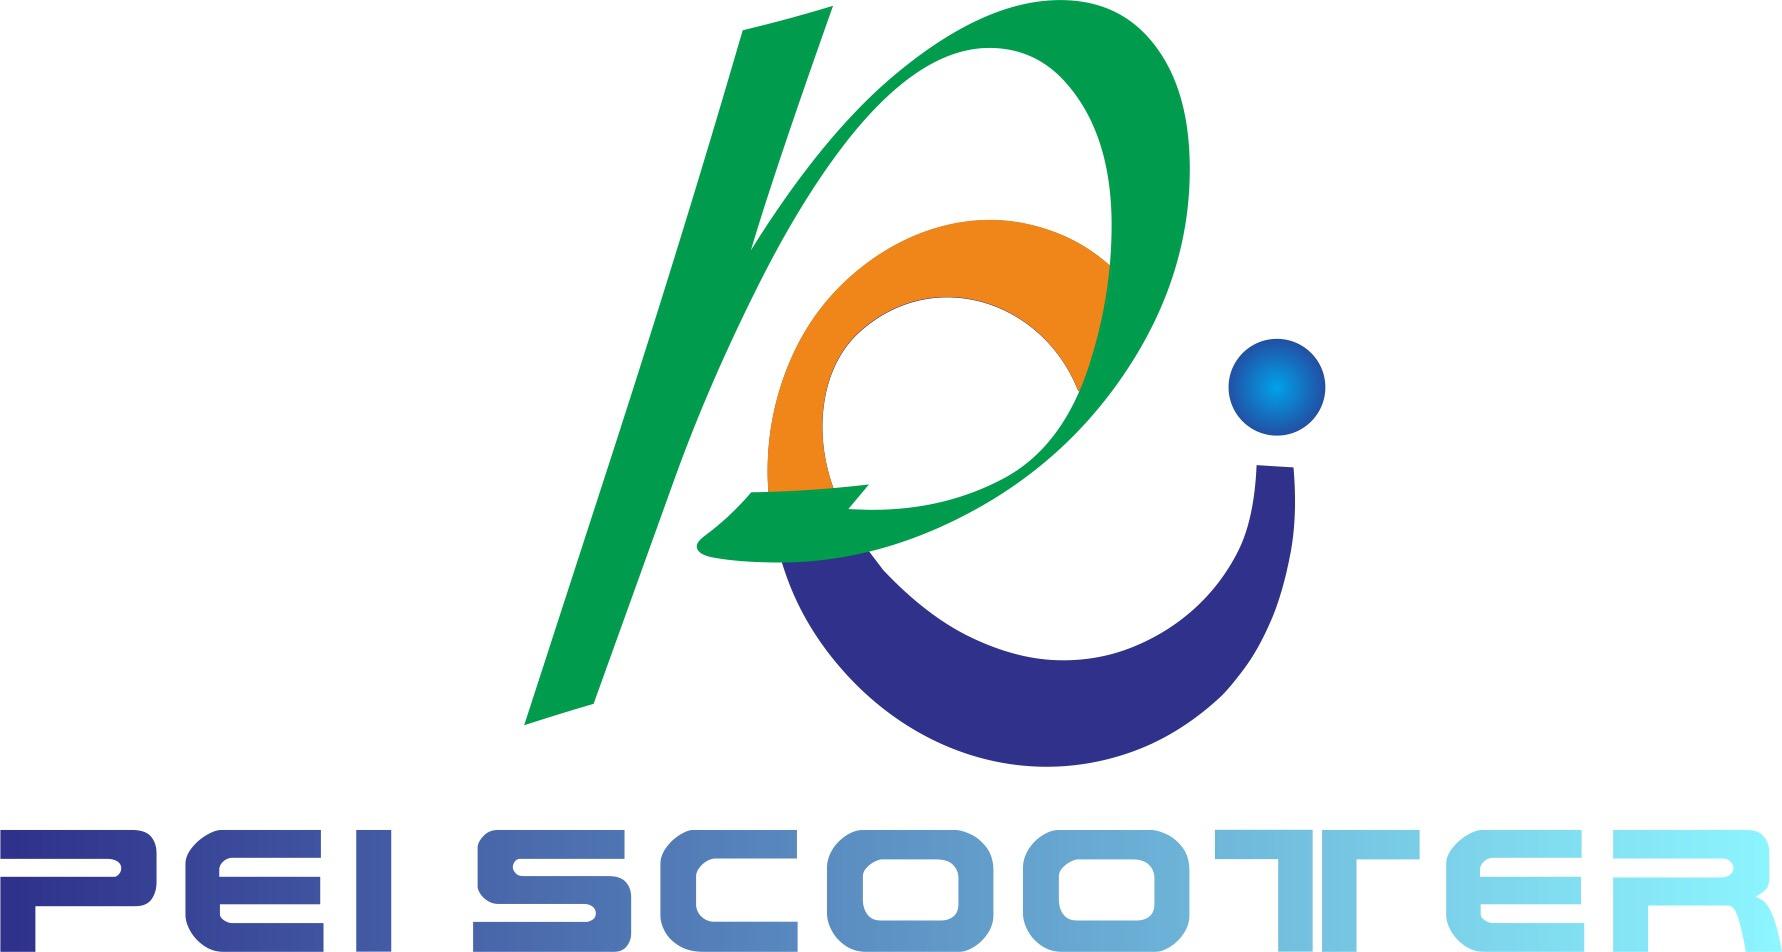 peiscooter.com